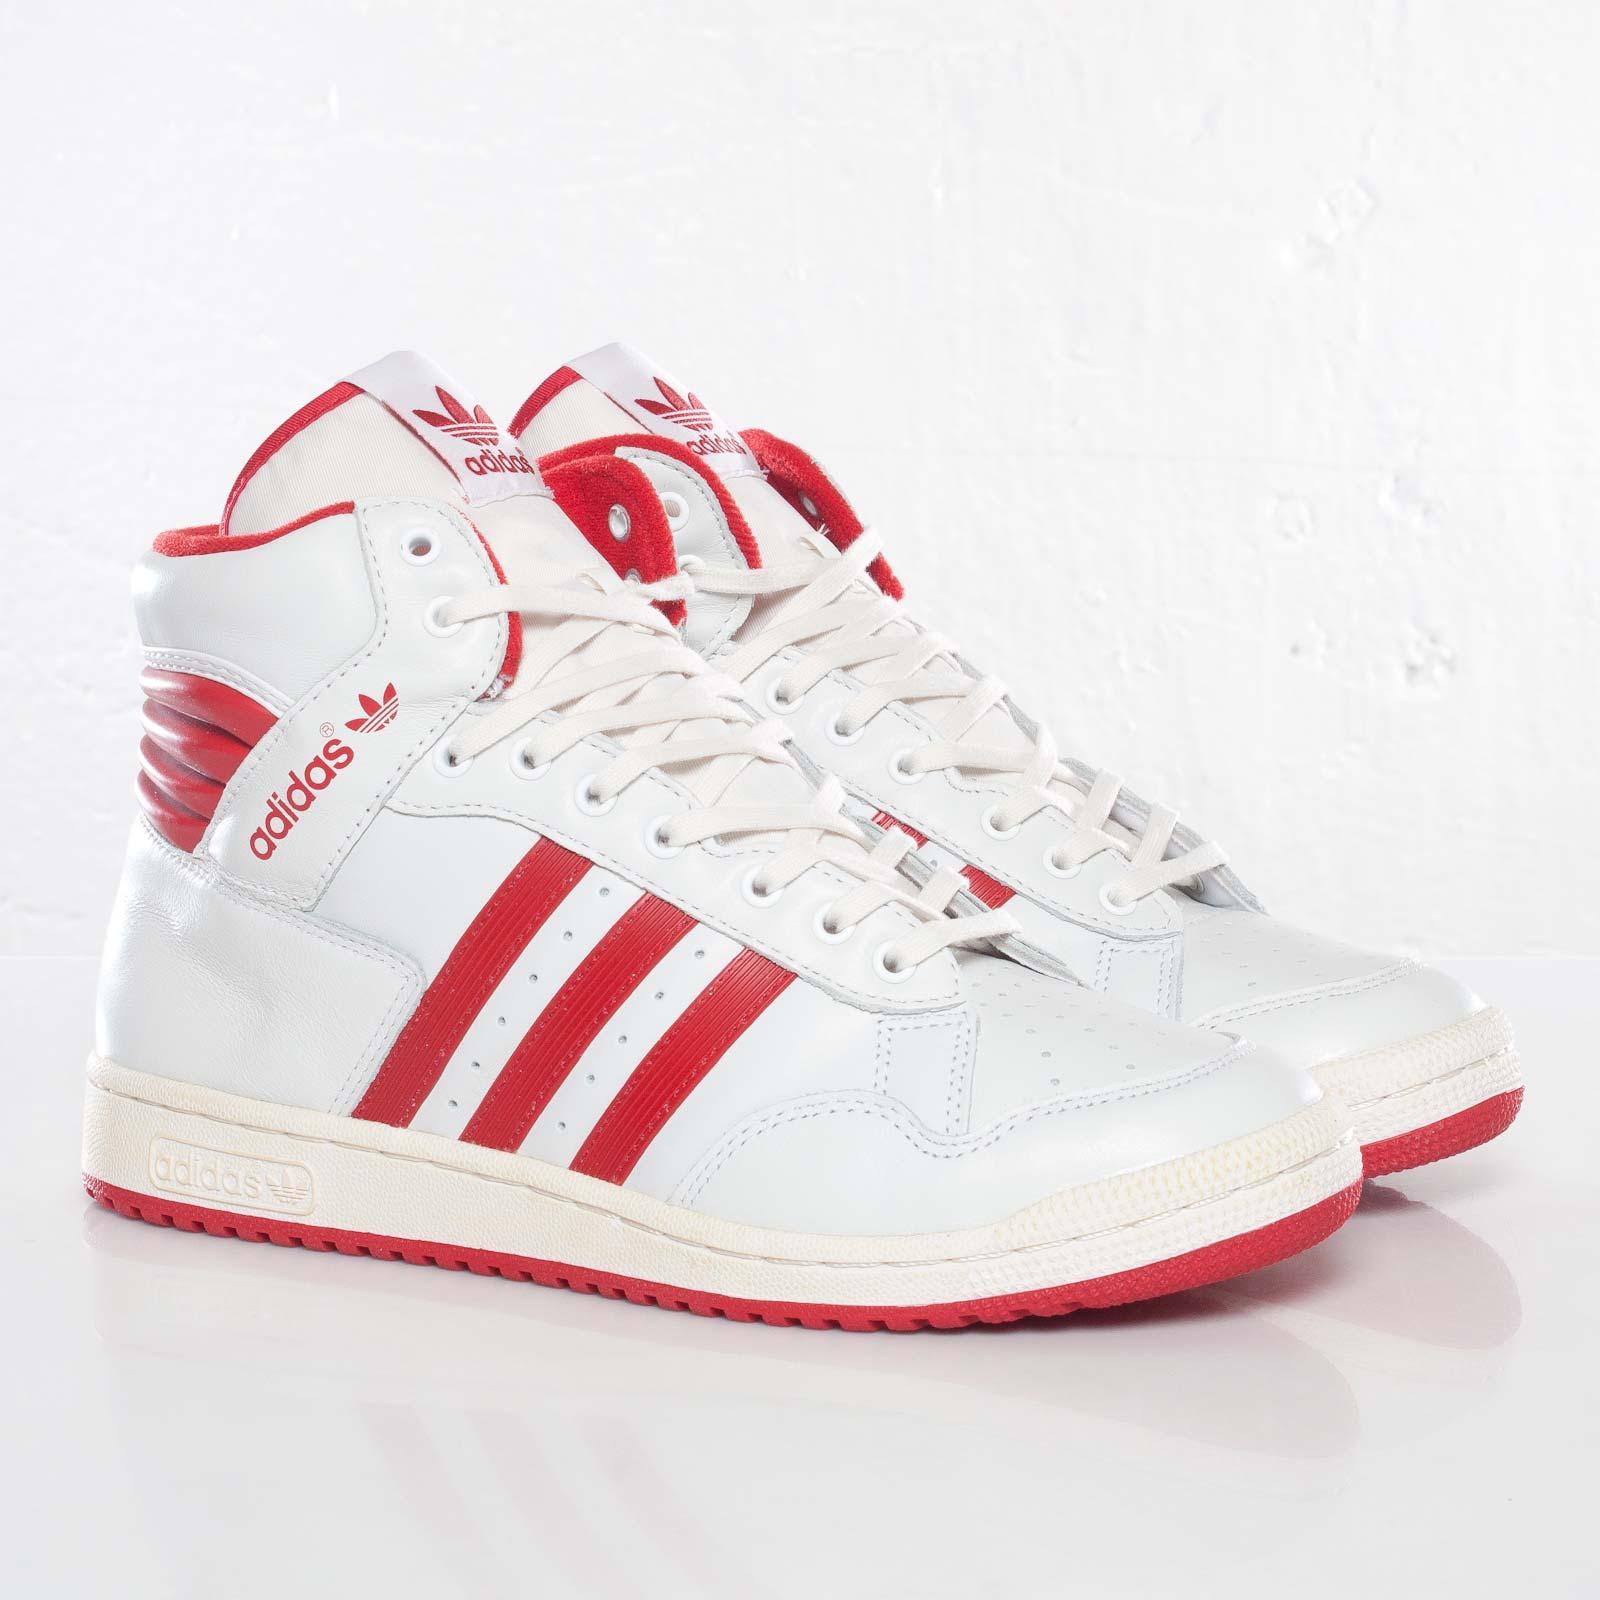 sol escalera mecánica desarrollando  adidas Pro Conference Hi - G95976 - Sneakersnstuff | sneakers & streetwear  online since 1999